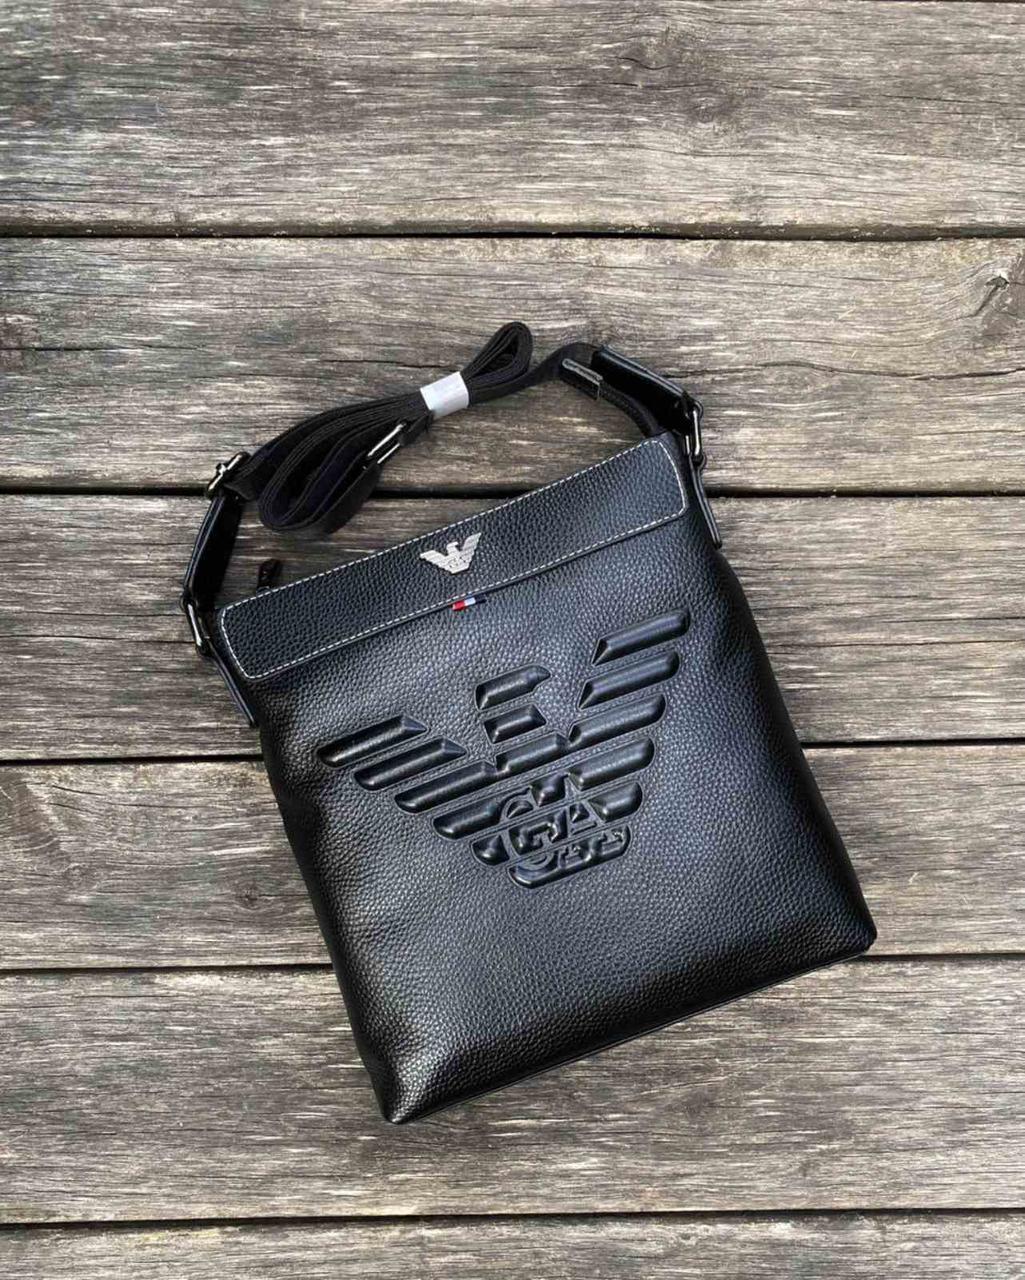 Брендовые сумки качество ЛЮКС. Материал: натуральная кожа. Очень удобная, вместительная.